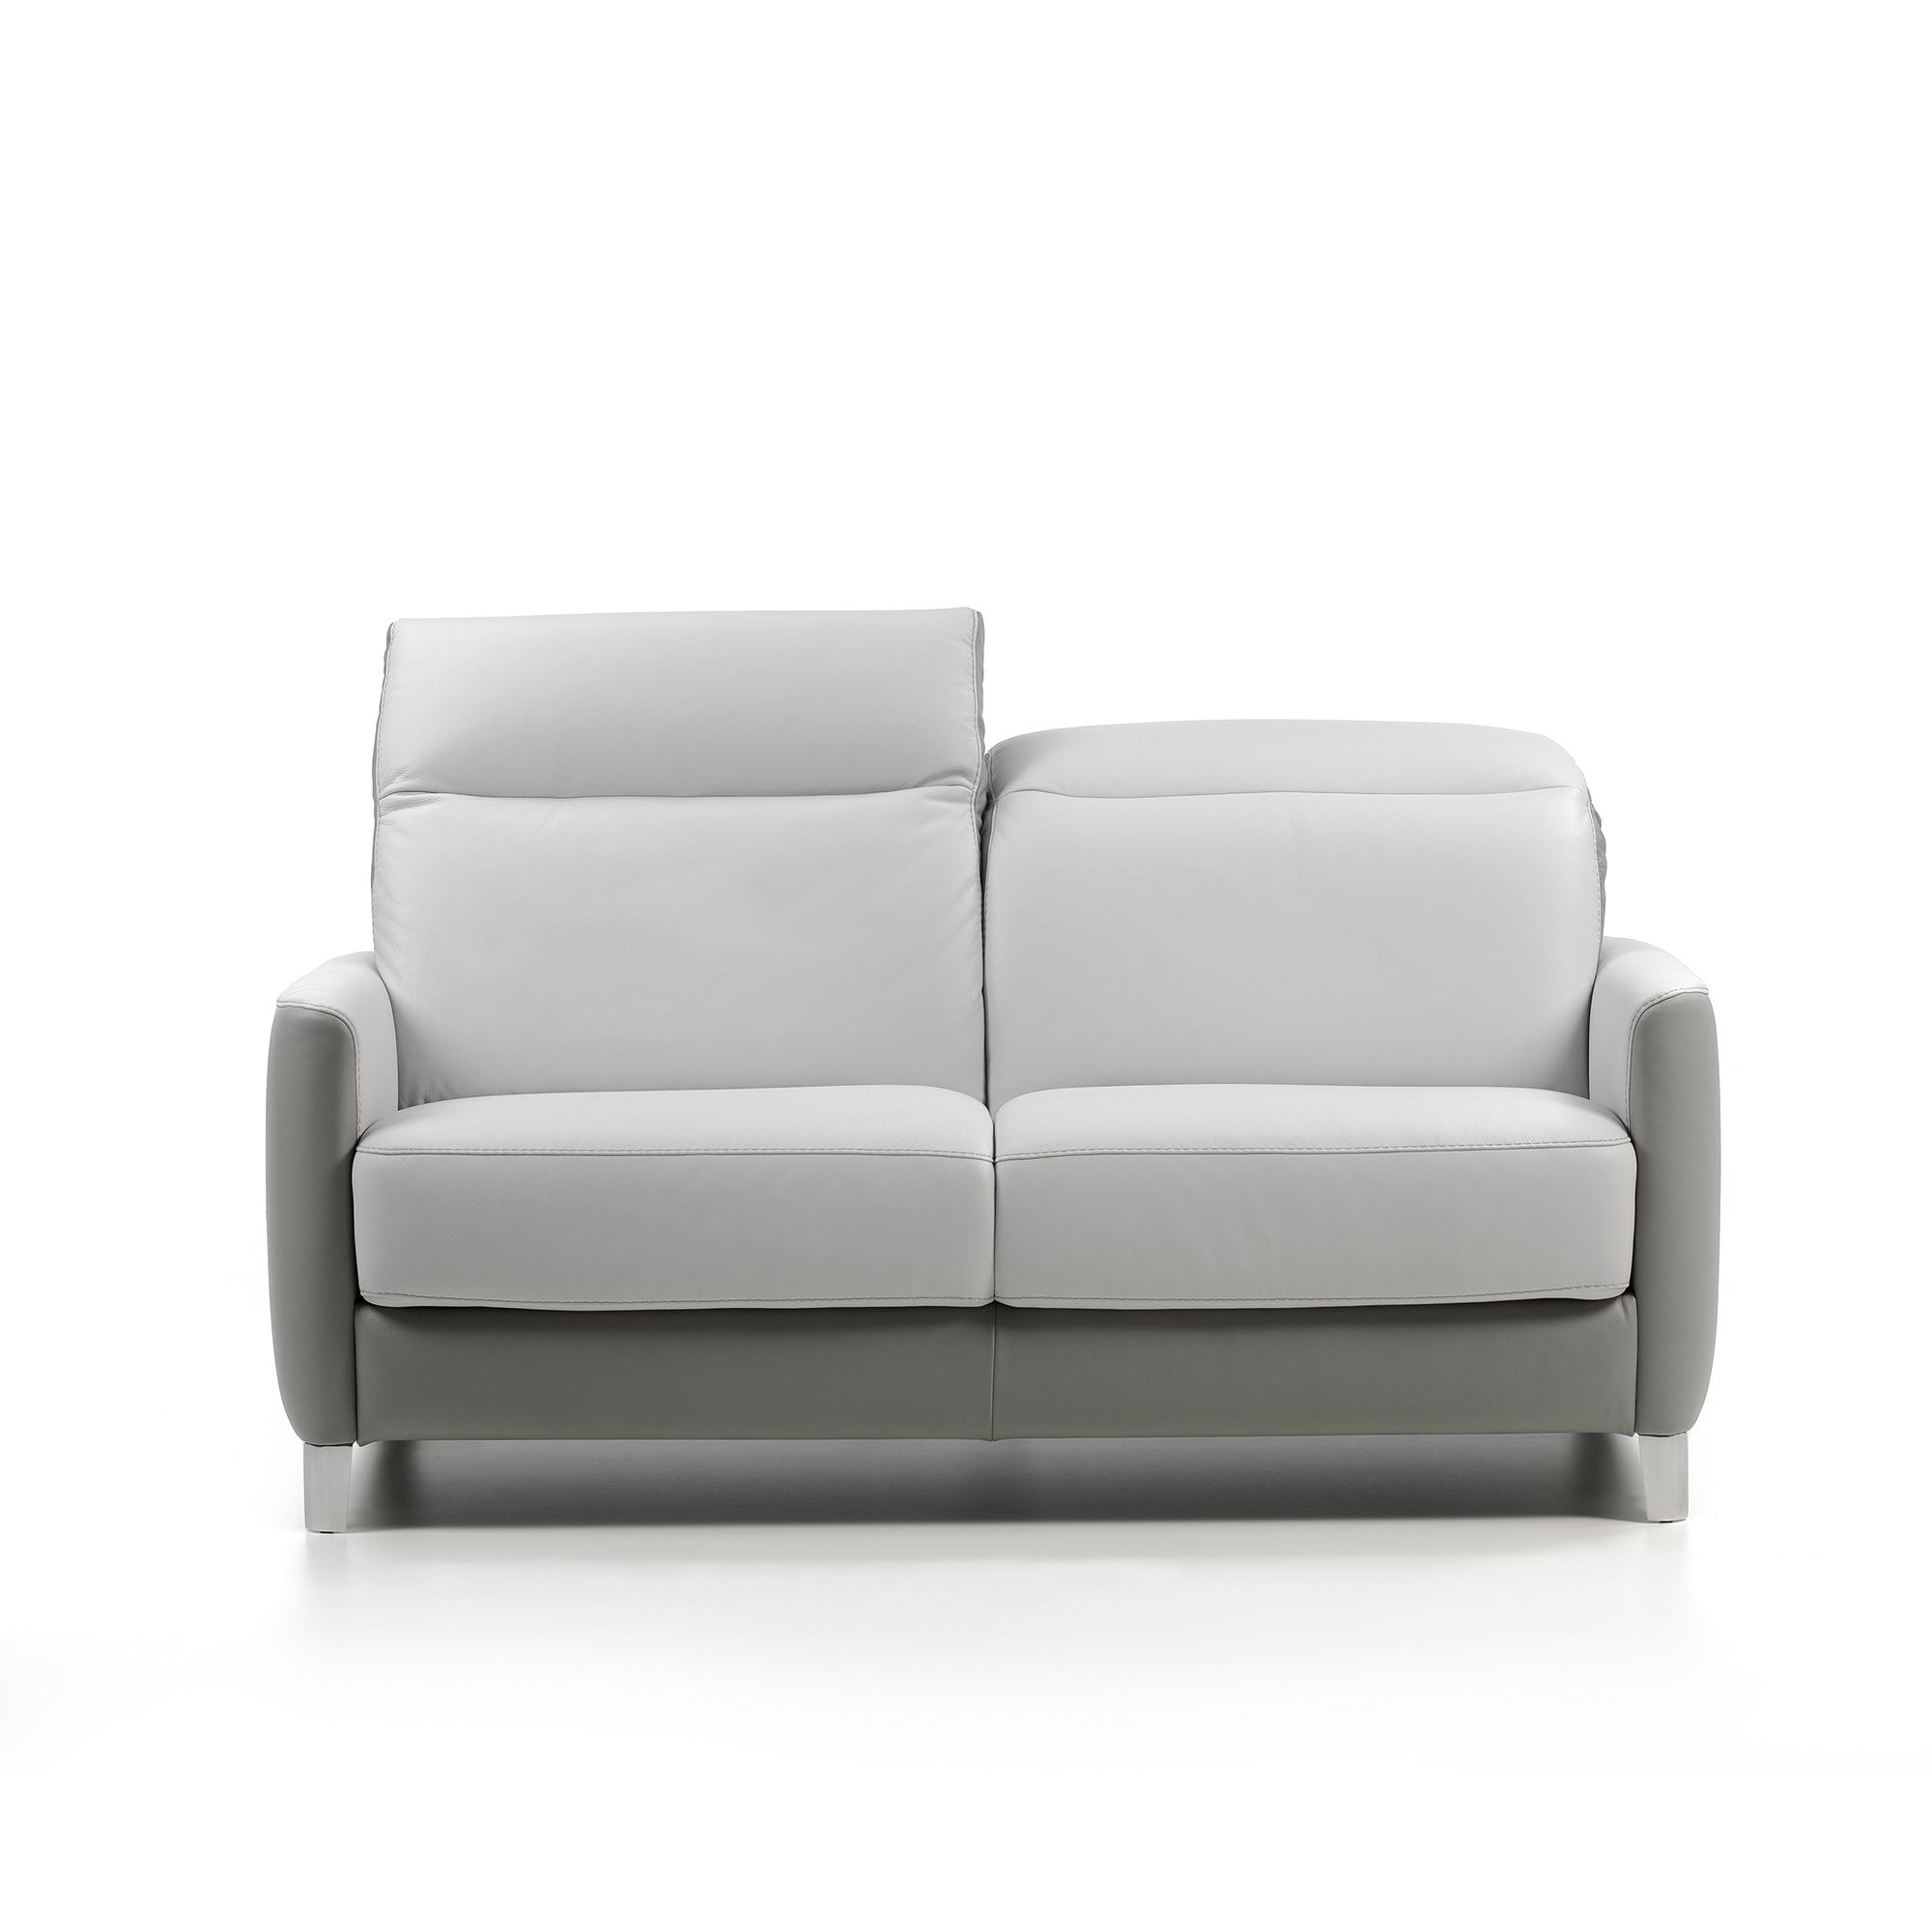 Rom Pacific Medium Recliner Sofa All Sofas